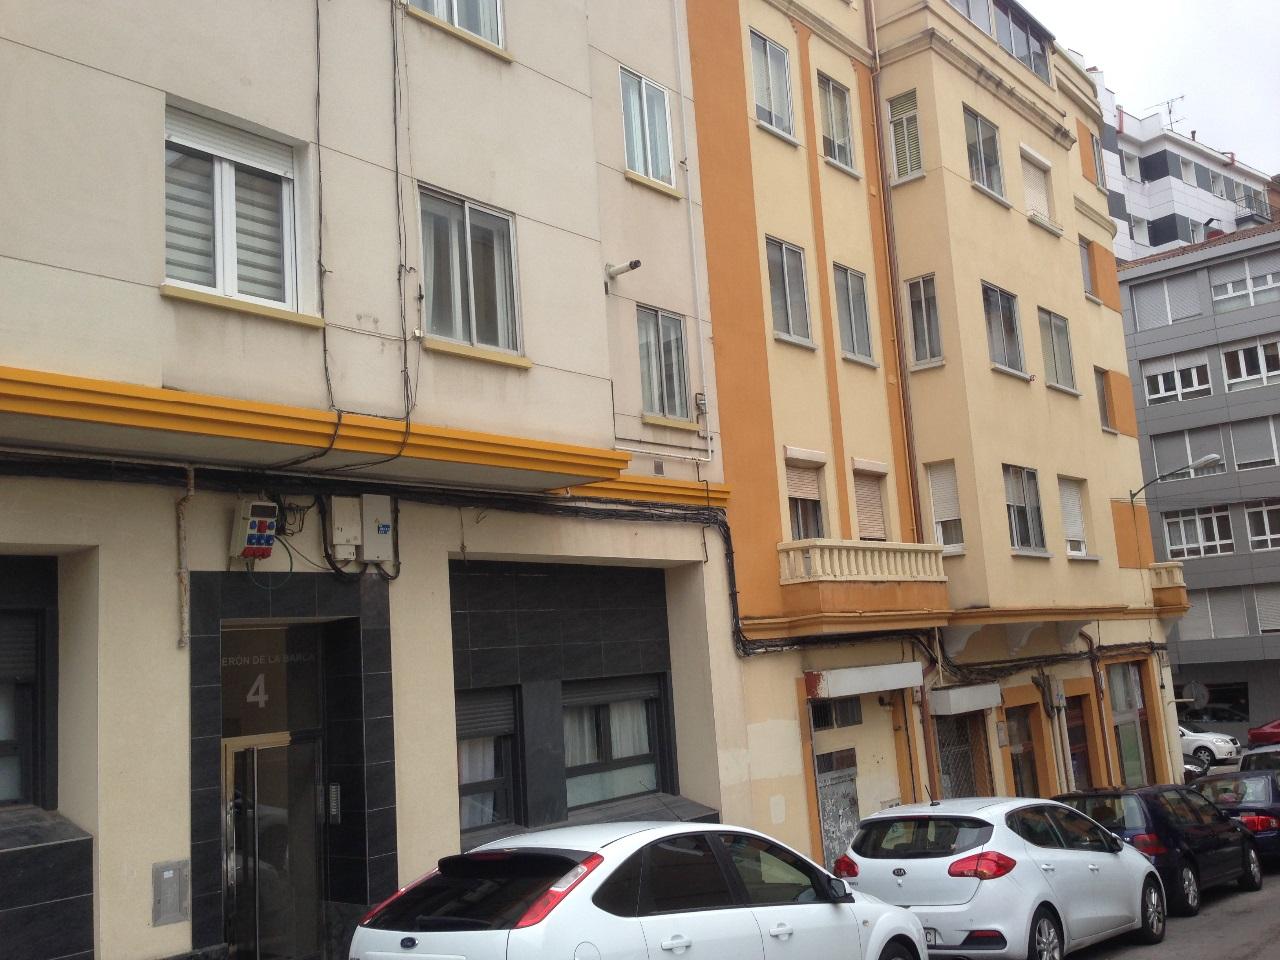 -eu-west-1.amazonaws.com/mobilia/Portals/inmoatrio/Images/6425/3865749